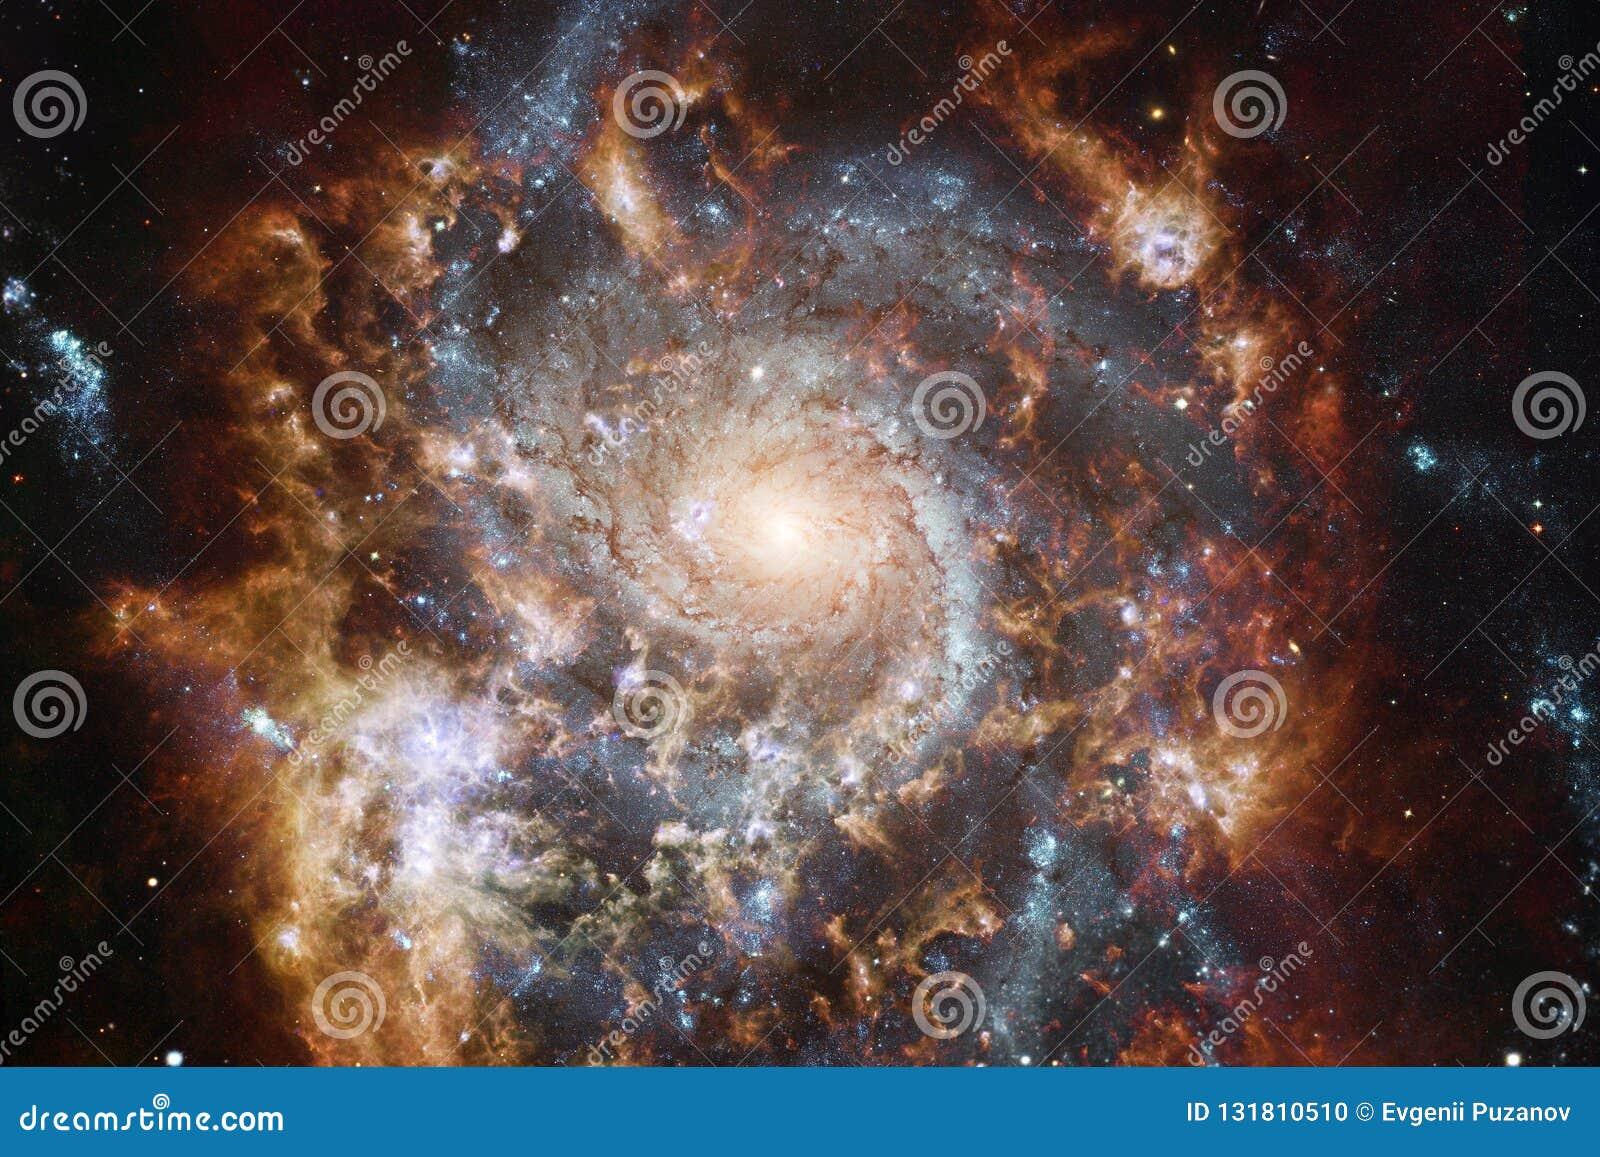 Απίστευτα όμορφος γαλαξίας κάπου στο βαθύ διάστημα Ταπετσαρία επιστημονικής φαντασίας Στοιχεία αυτής της εικόνας που εφοδιάζεται